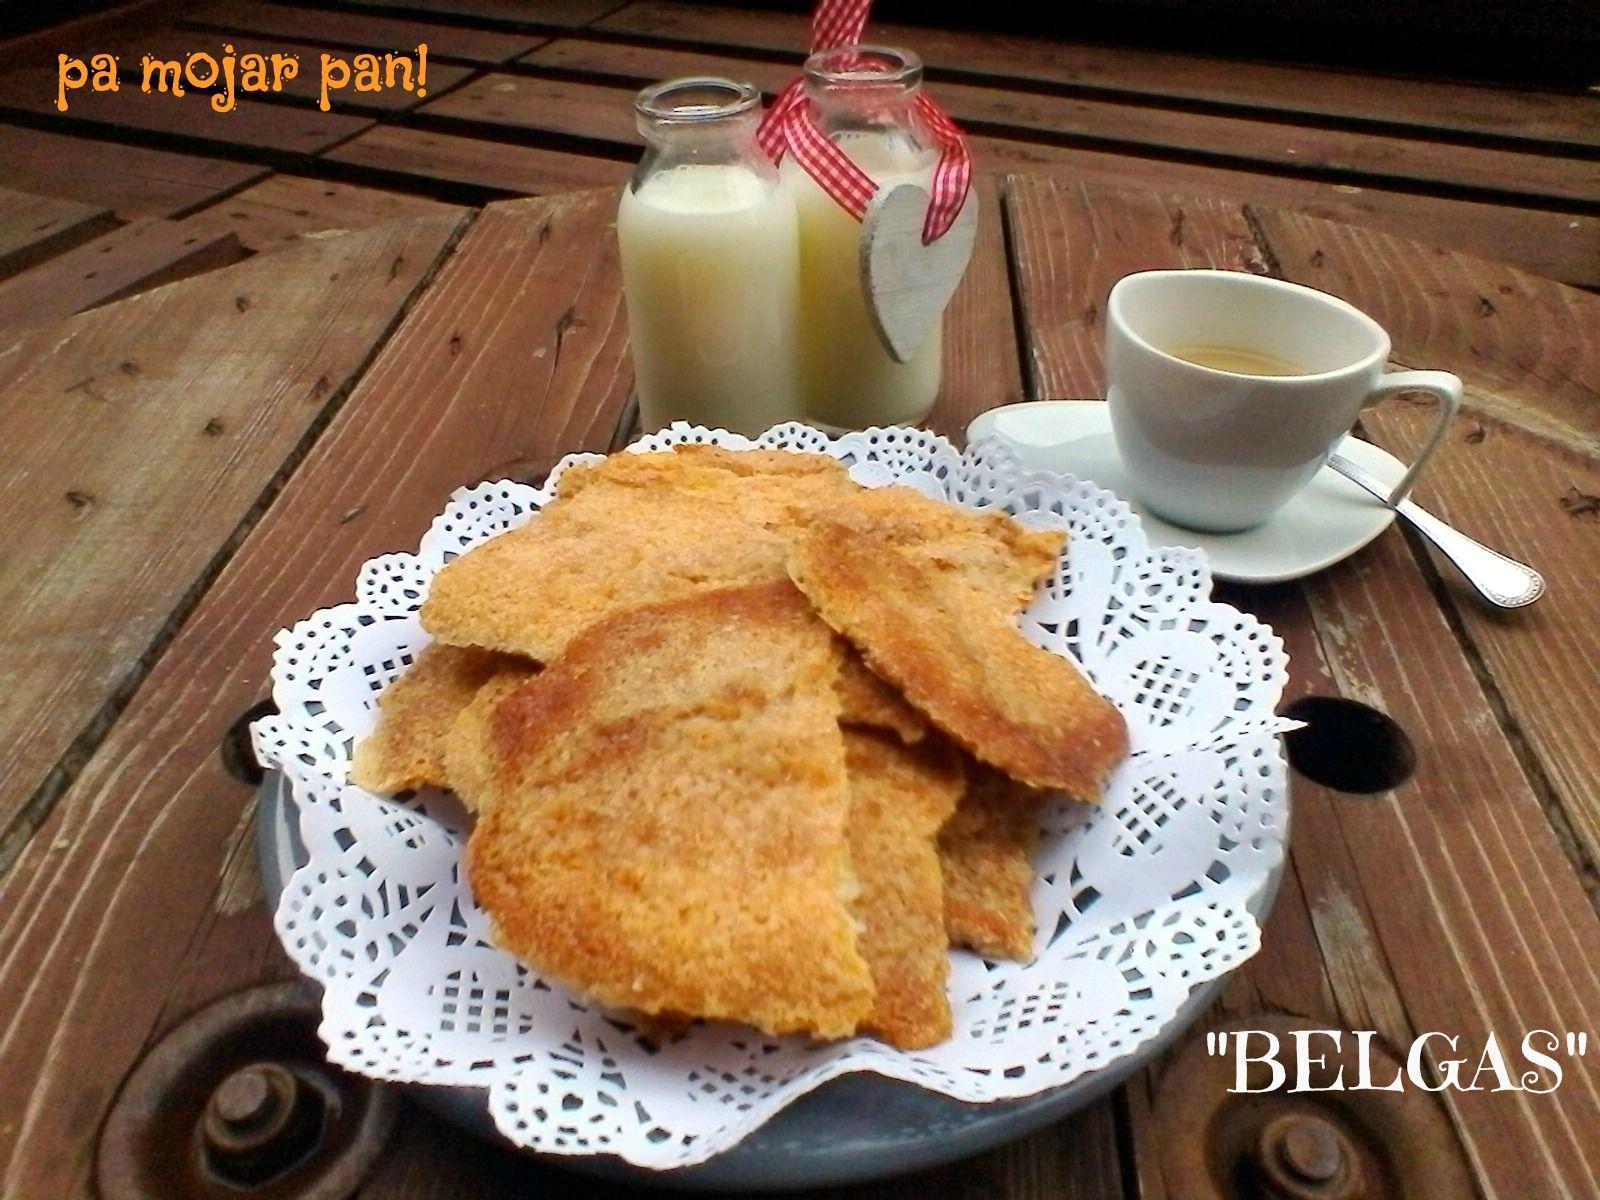 pa mojar pan!: Galletas Belgas